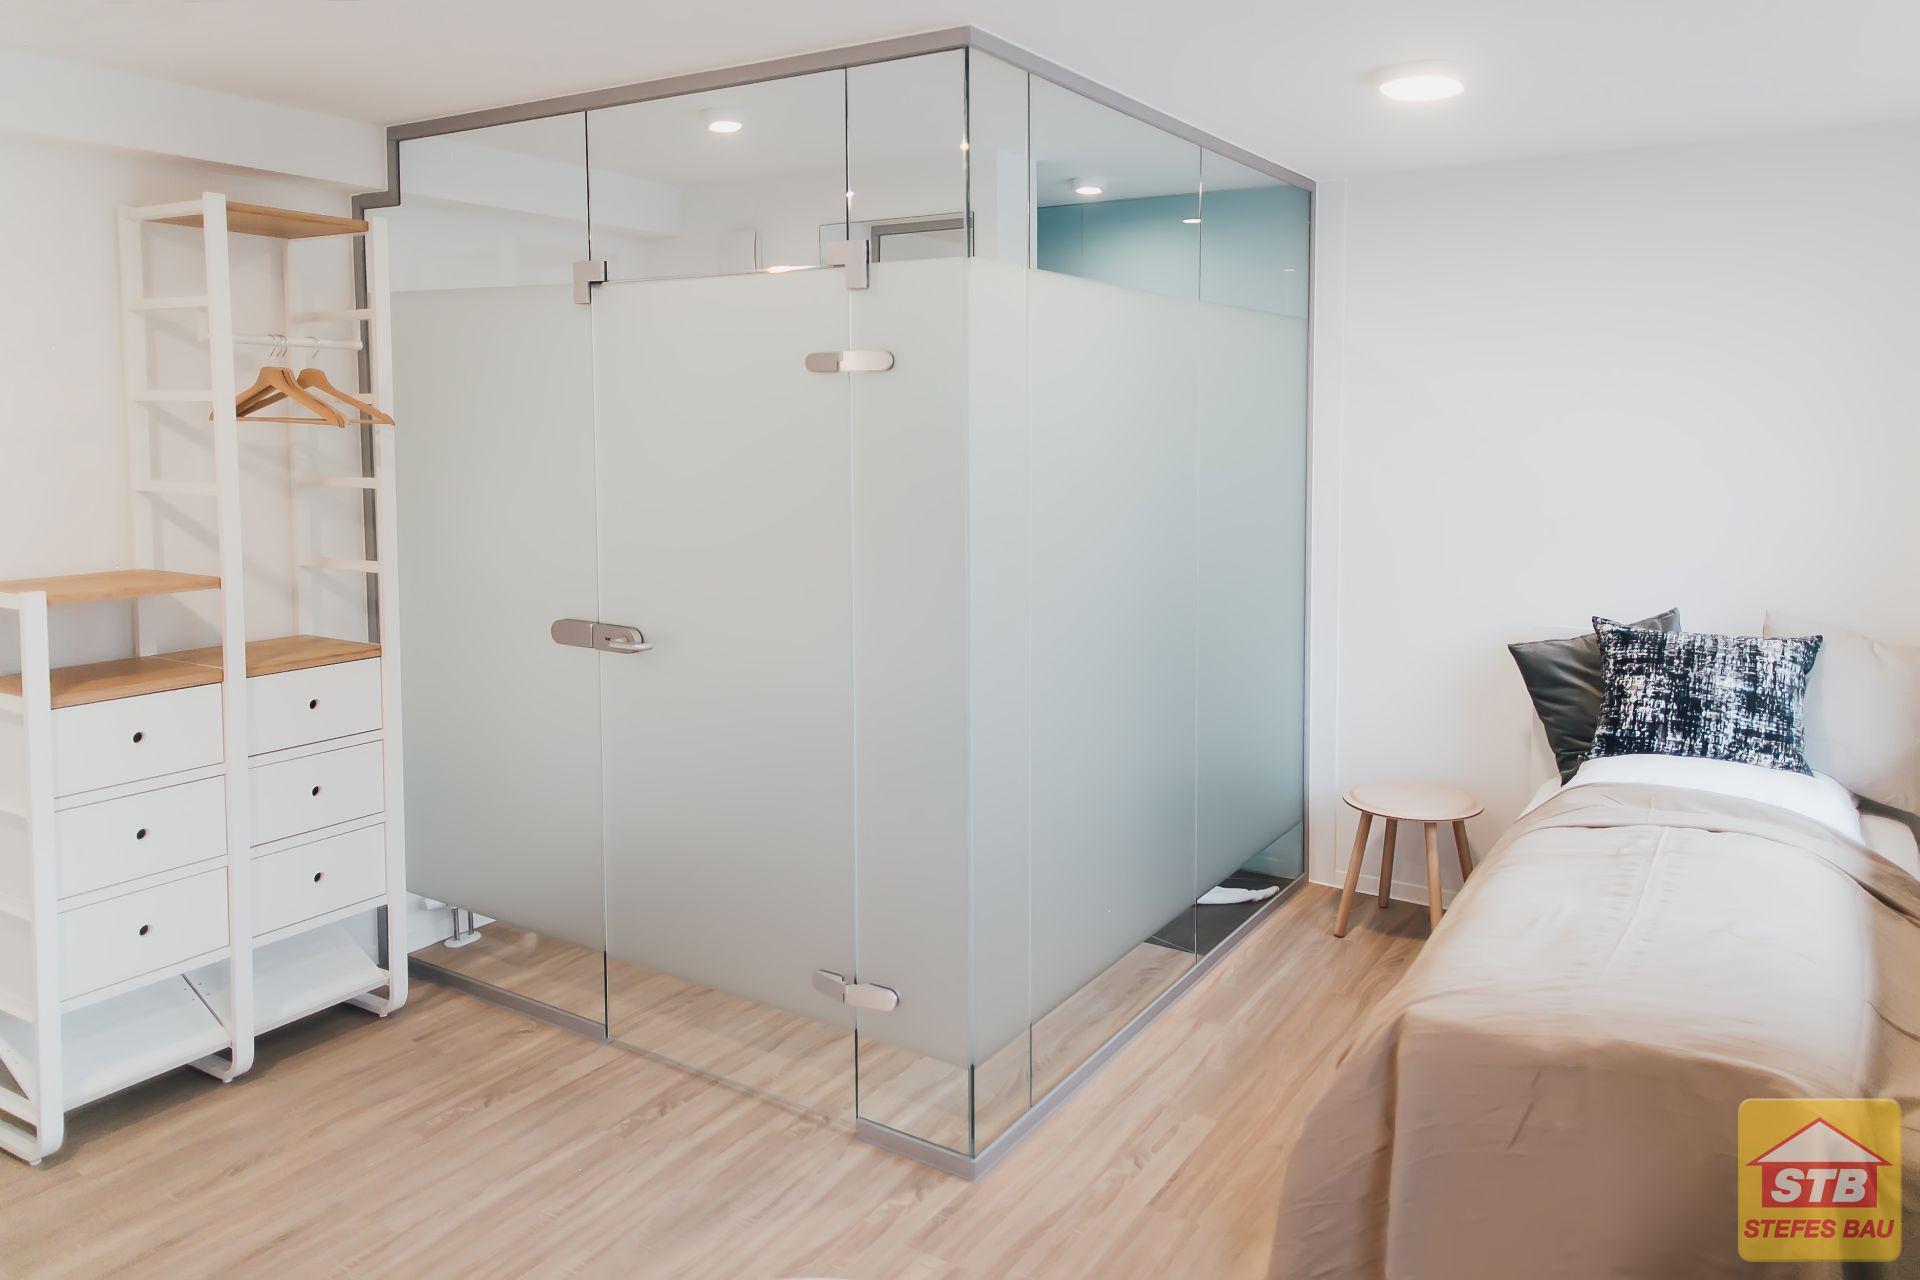 Trennwand glas wohnzimmer wohnzimmer trennwand alles ber - Trennwand glas wohnzimmer ...